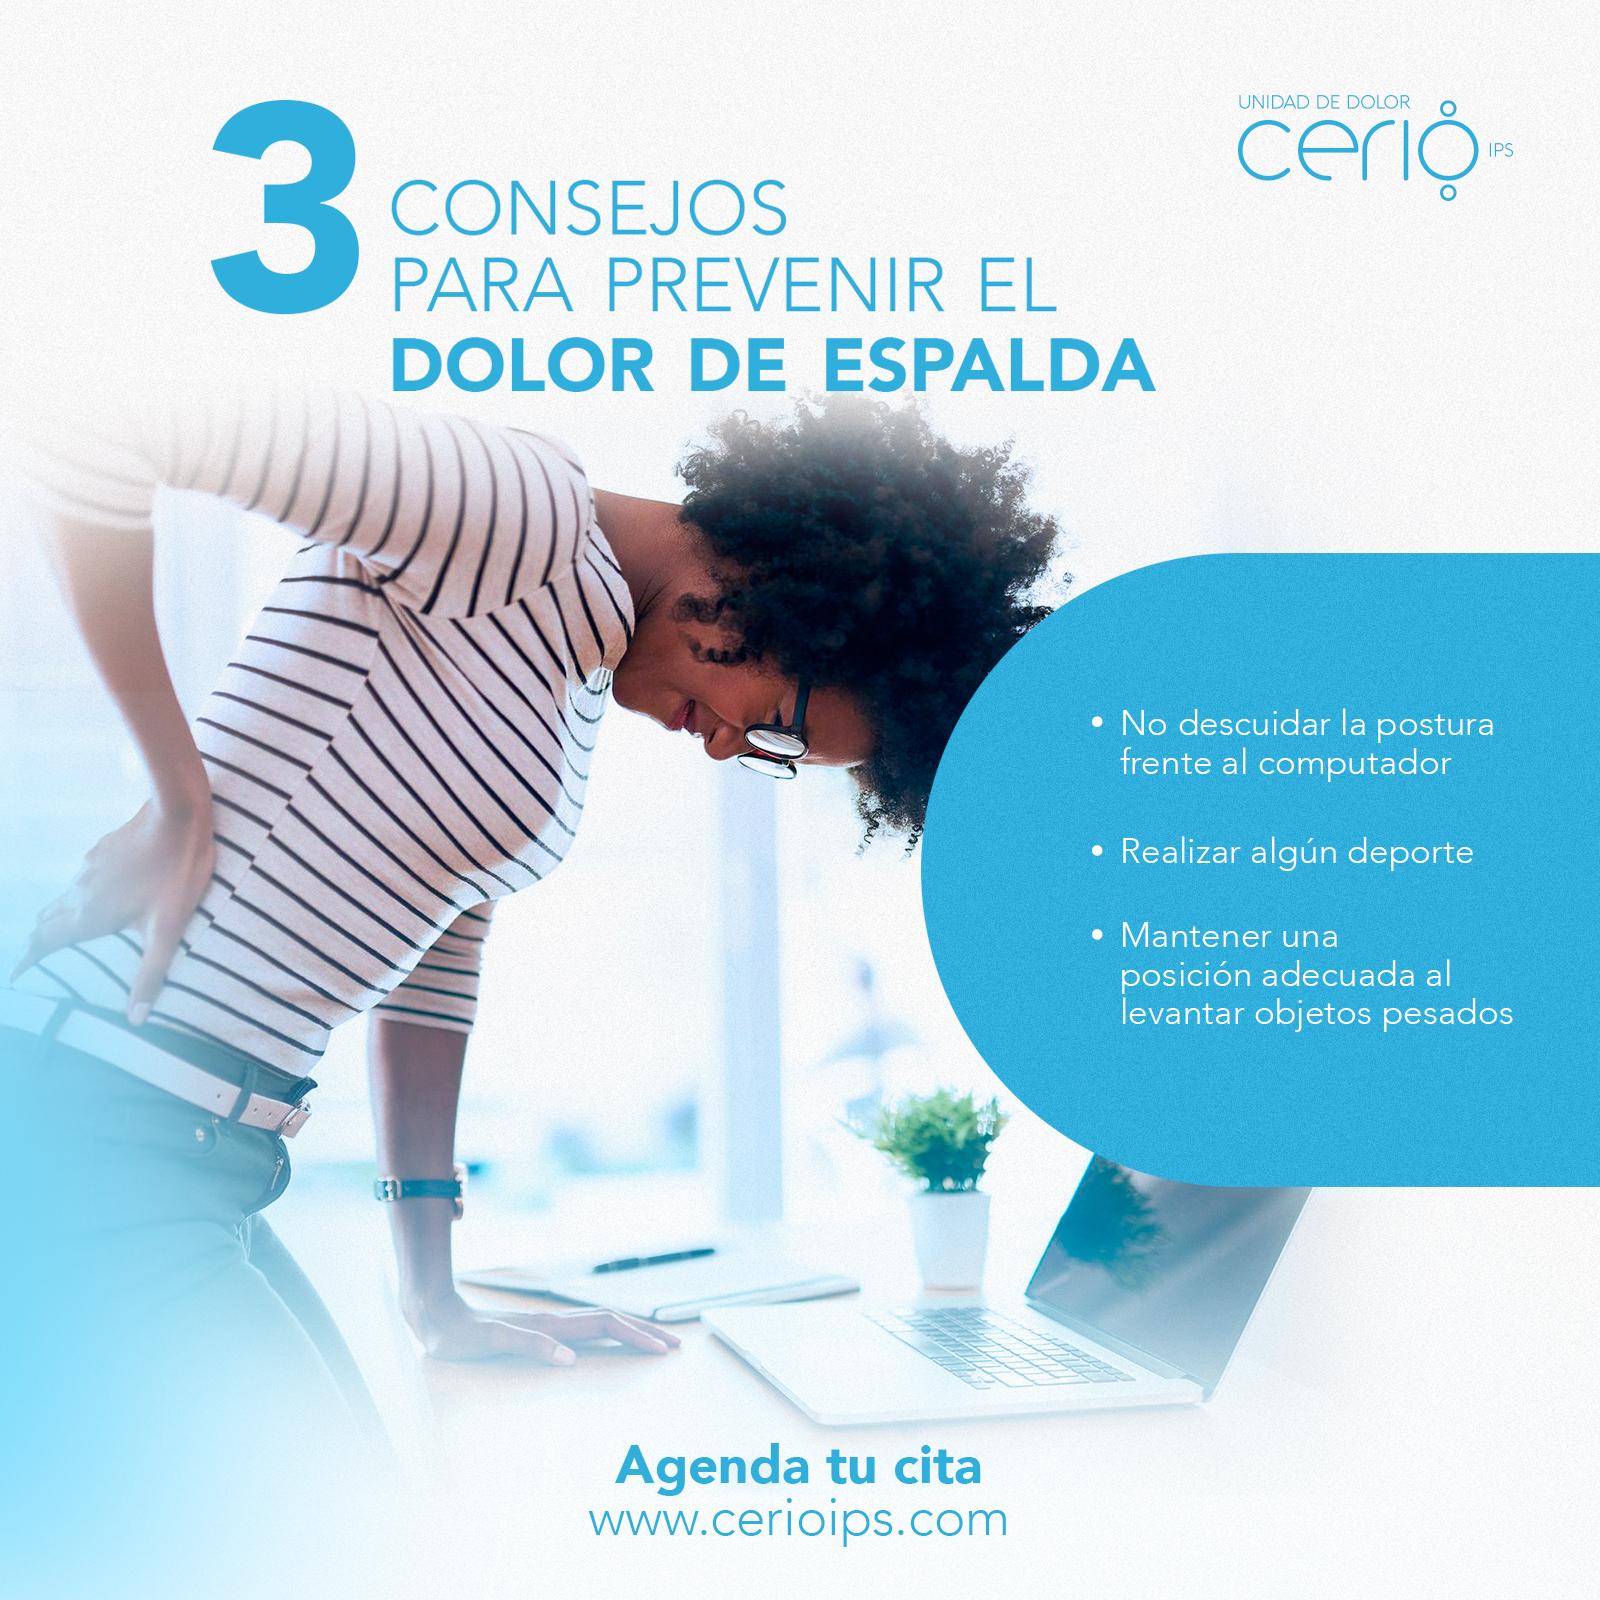 18_04_03_Post_CERIO_3Consejos_Espalda